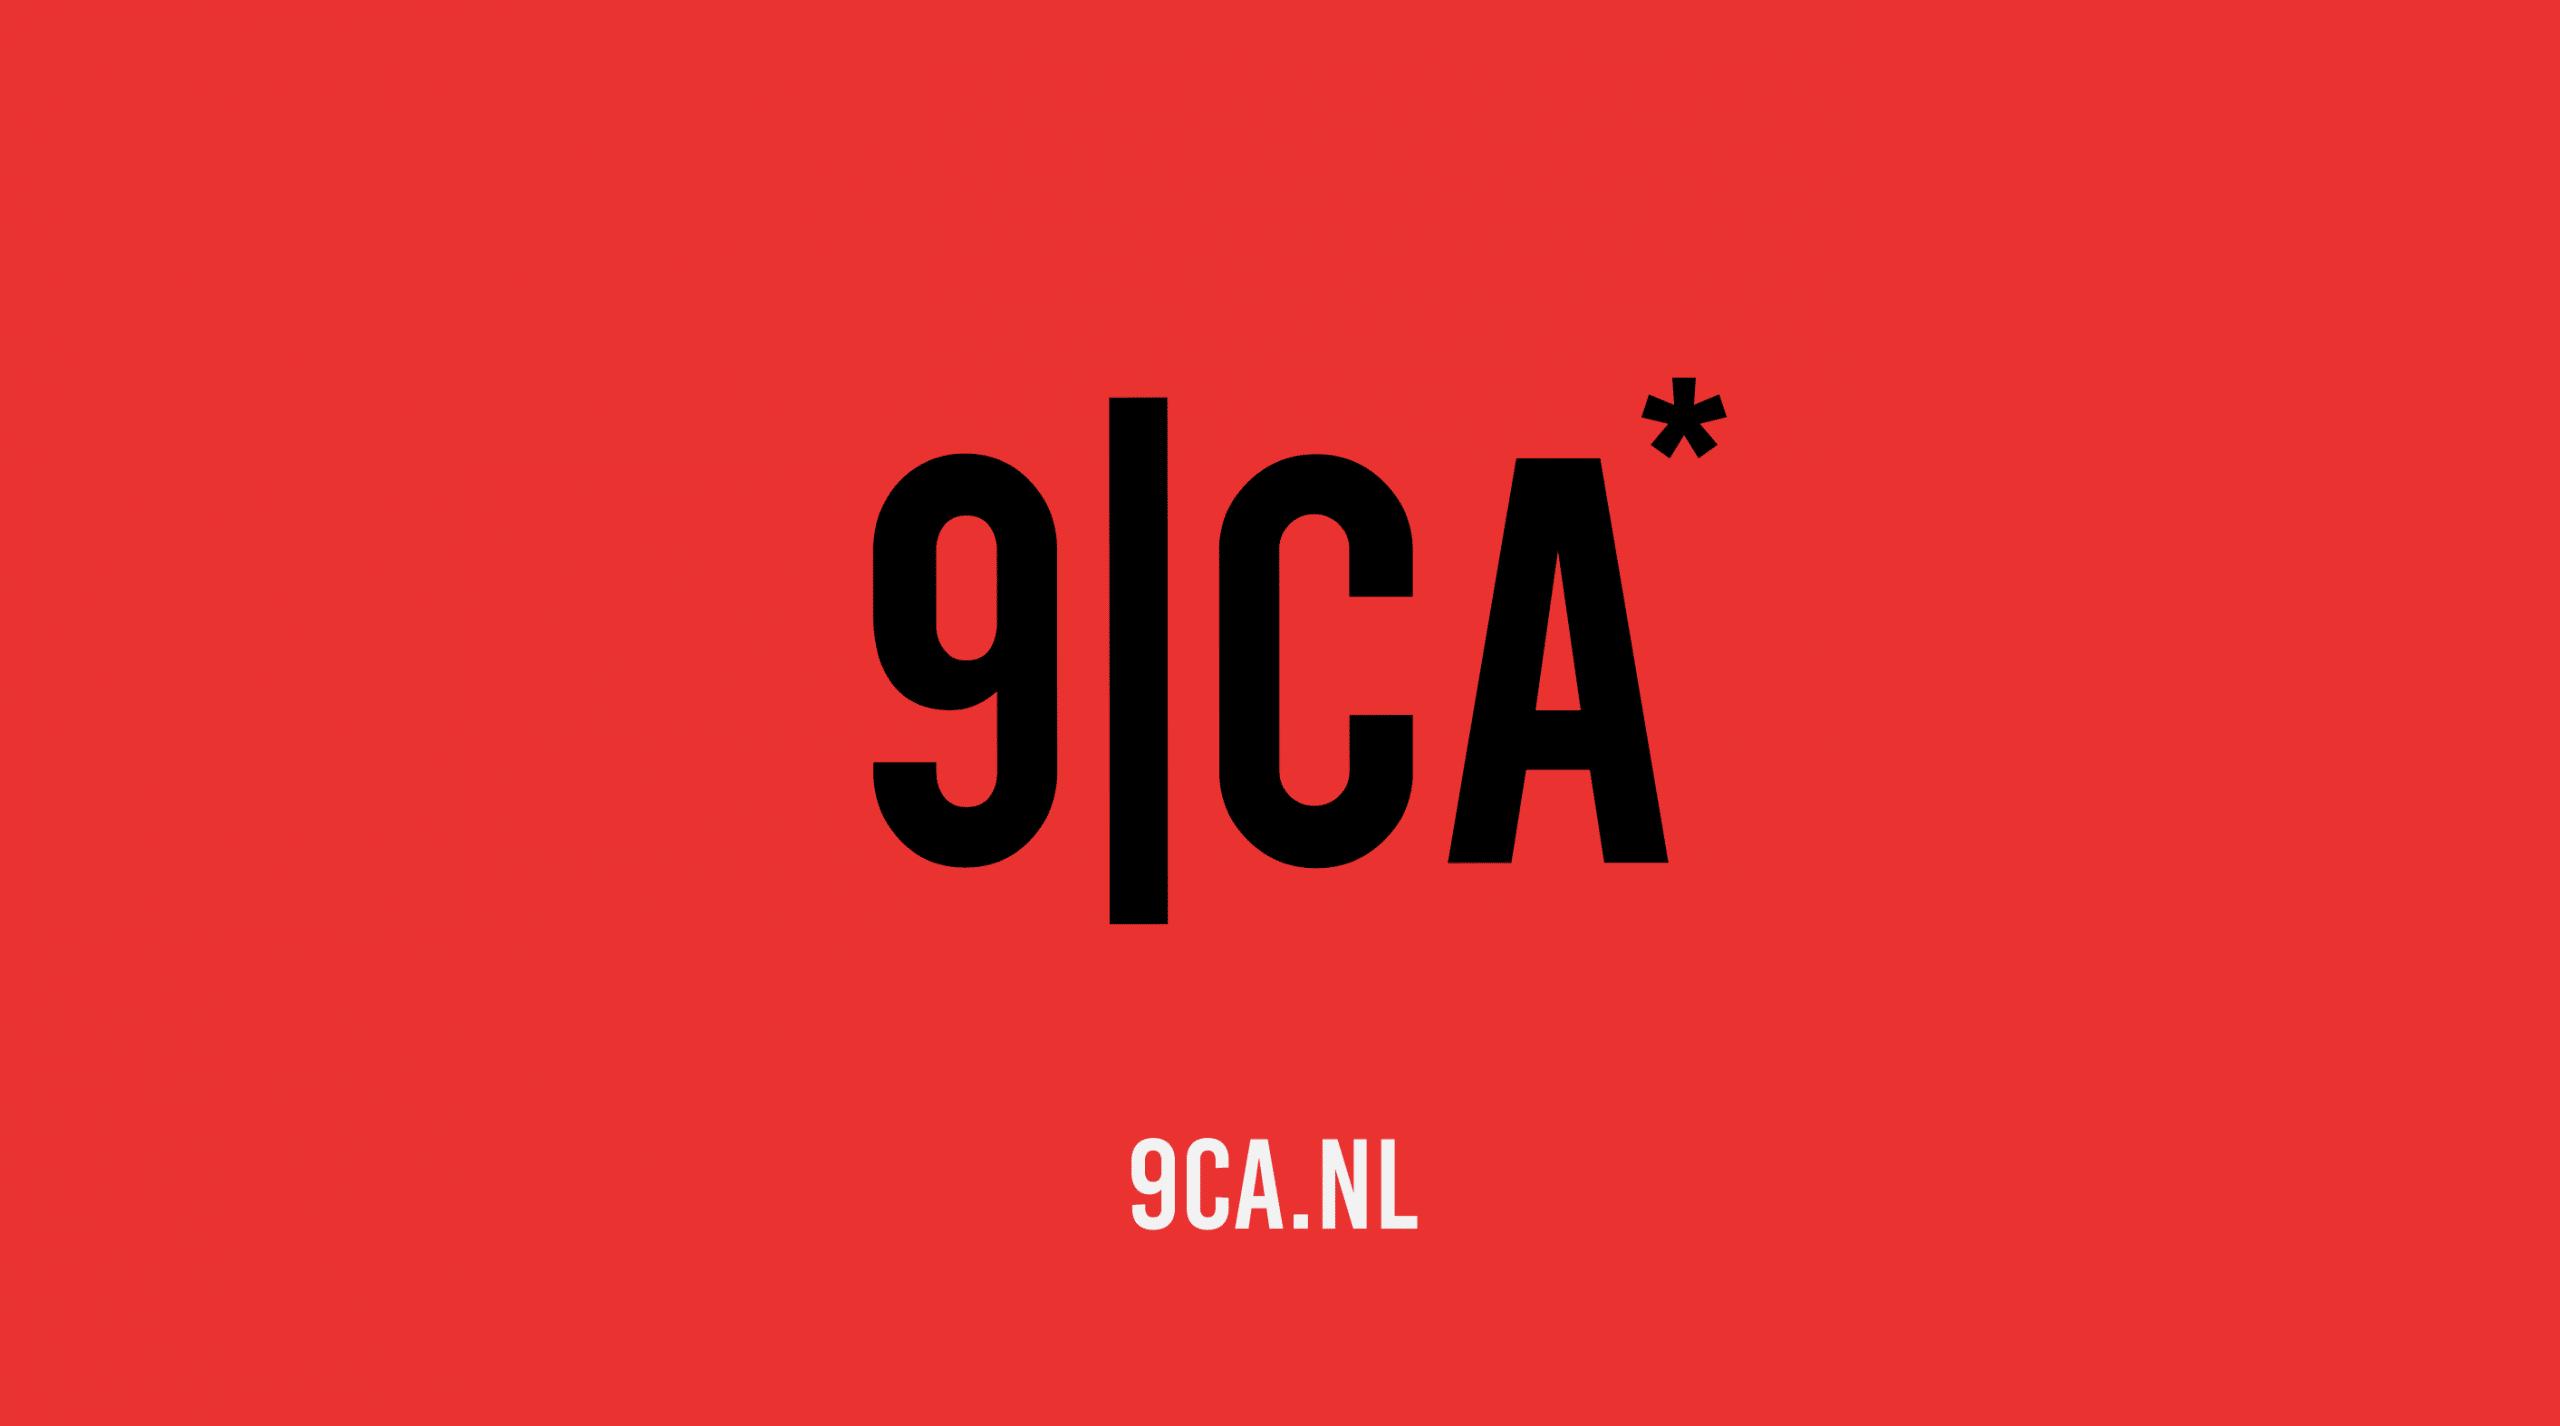 (c) 9ca.nl